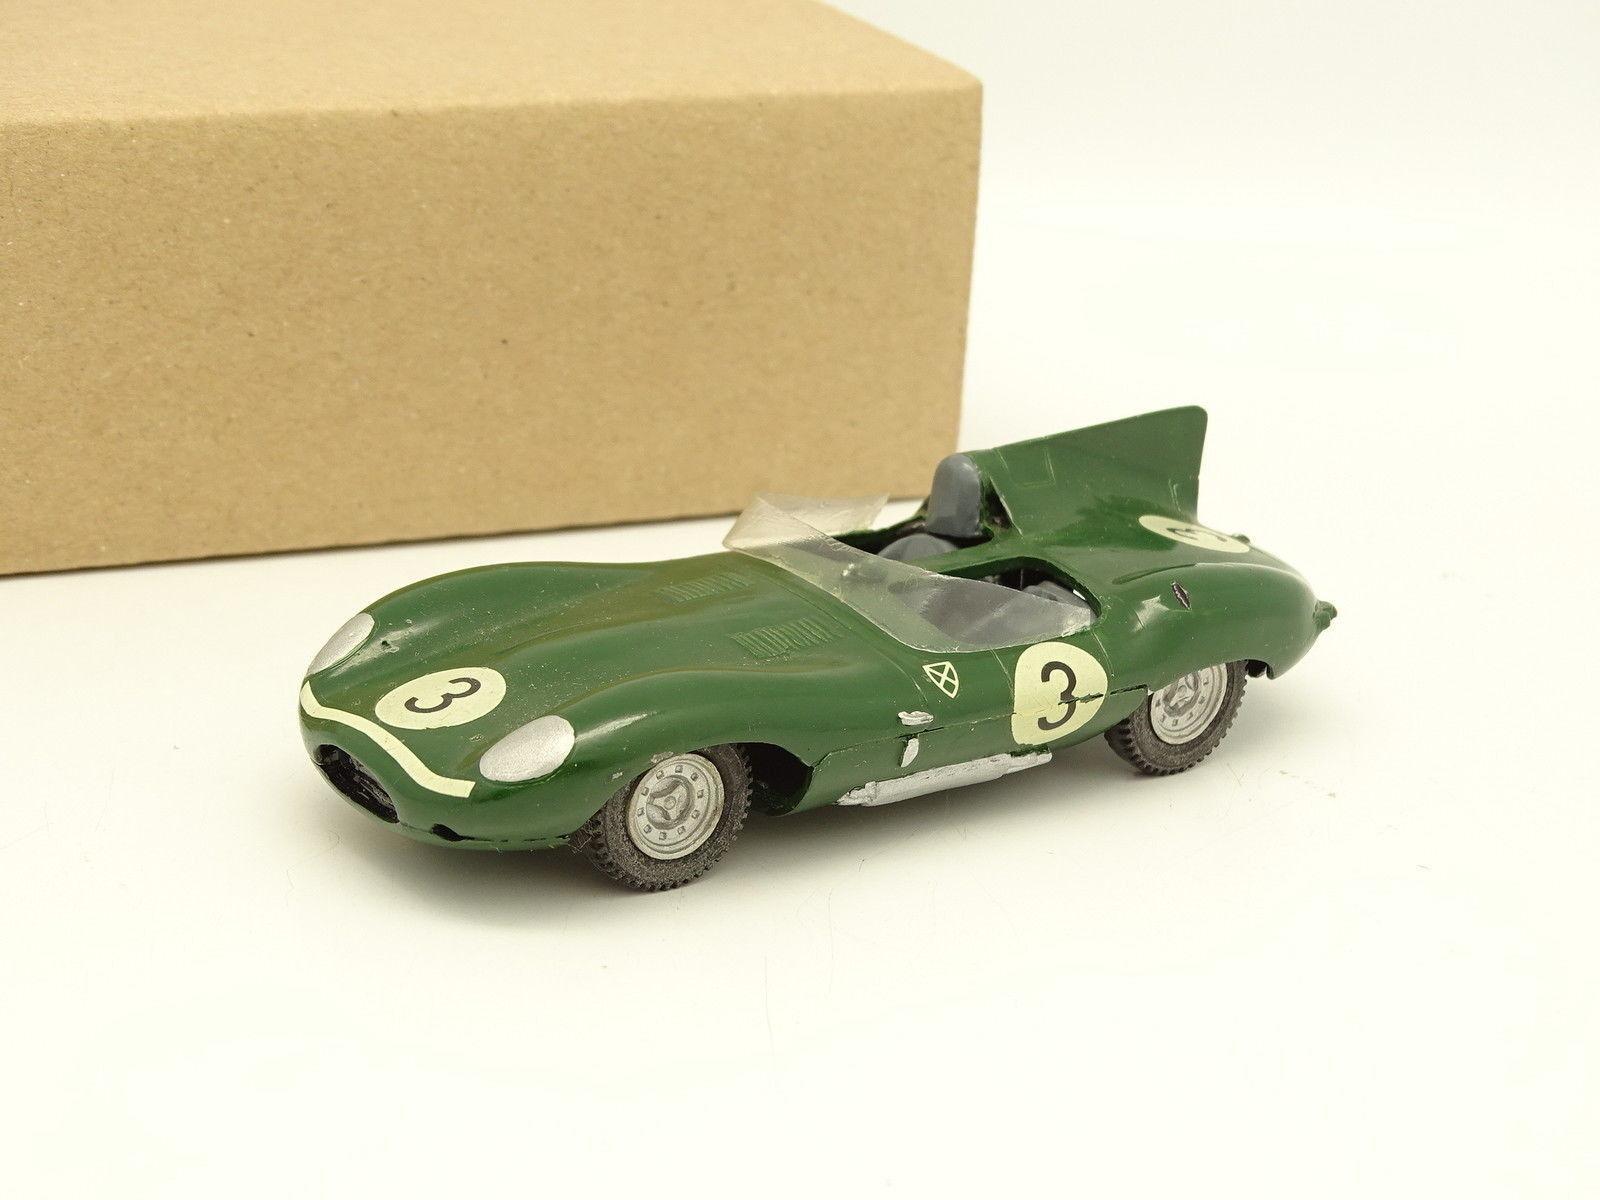 John Day Kit monté 1 43 - Jaguar D TYPE 24h LE MANS N 3 1956